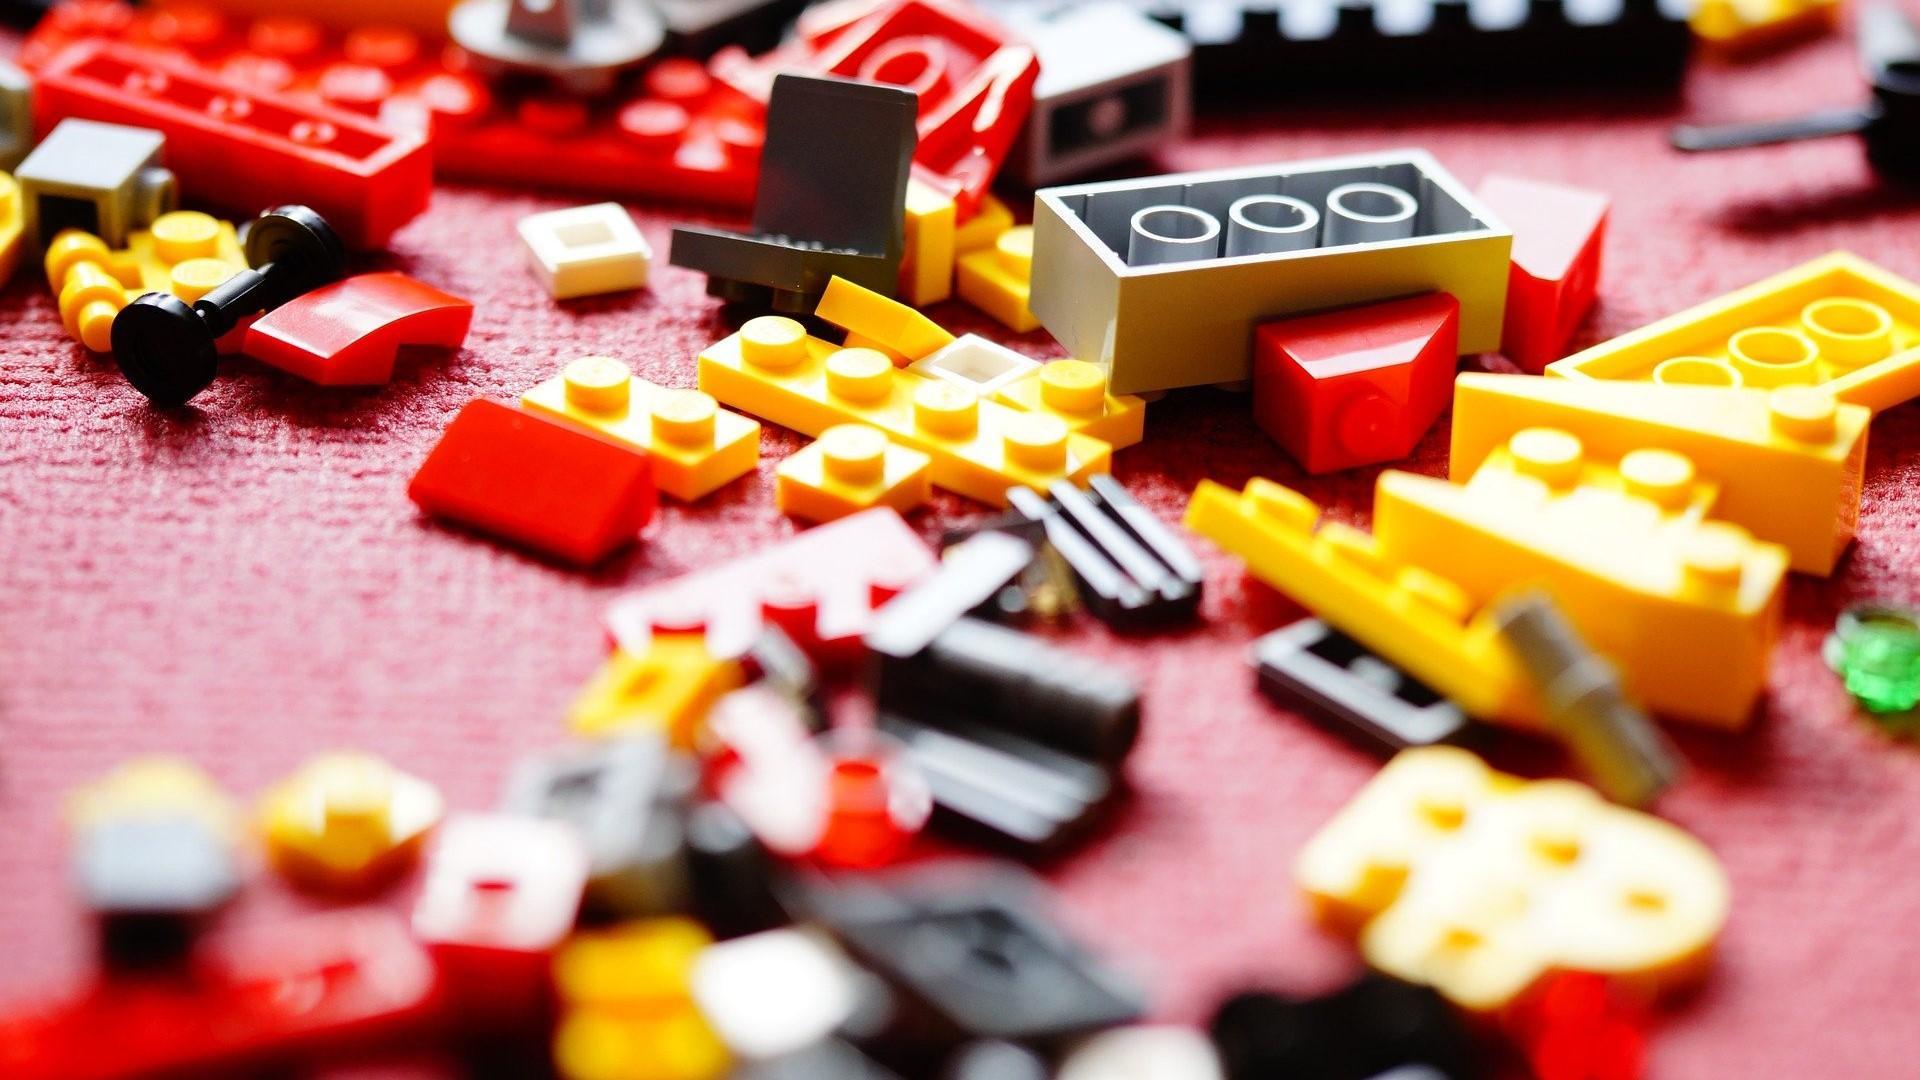 Cobi ist eine Alternative zu LEGO